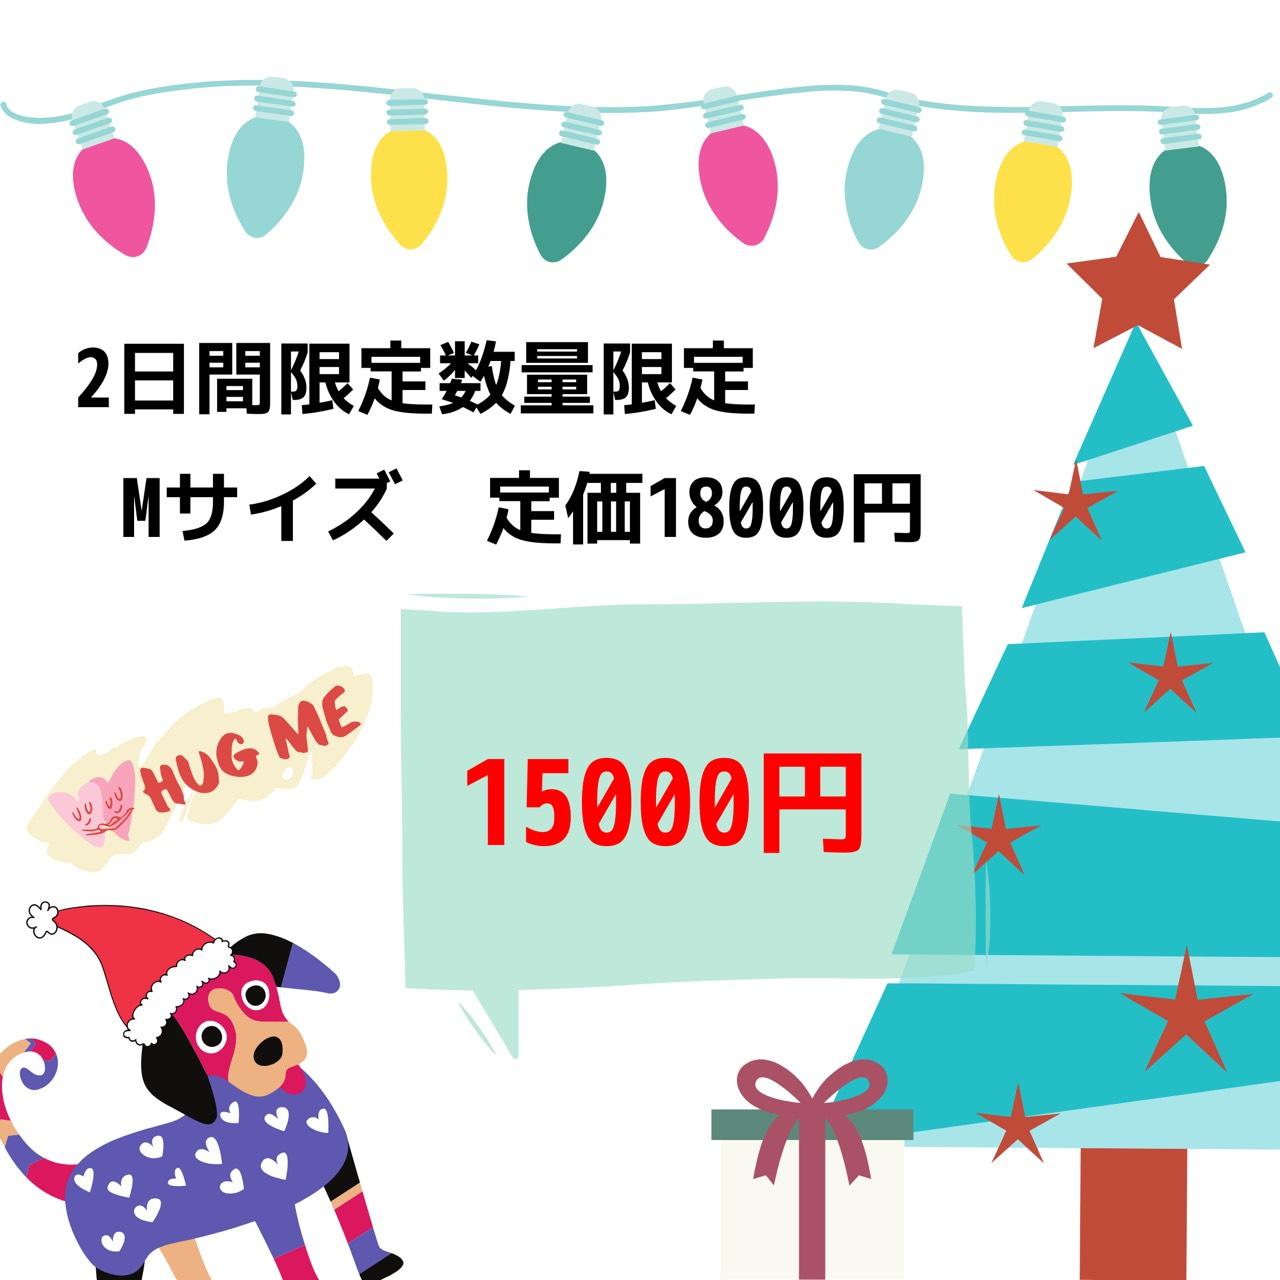 クリスマスギフト第一弾! 11/14 10:00から 11/15 23:59まで